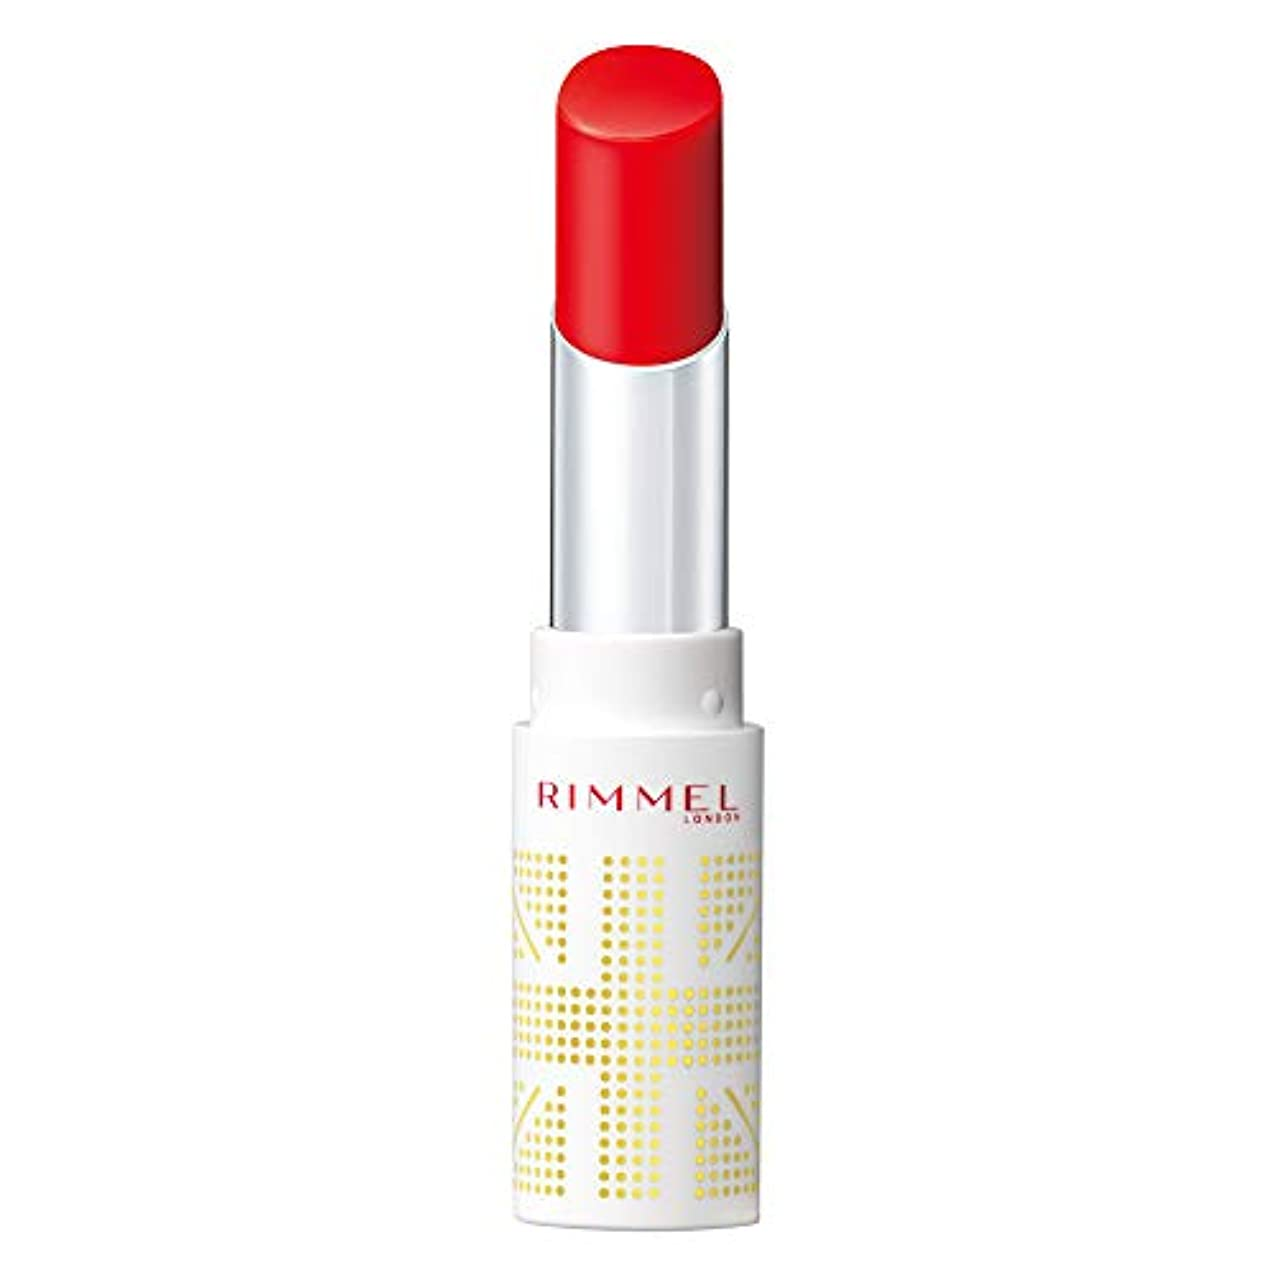 無条件毒液イヤホンRimmel (リンメル) リンメル ラスティングフィニッシュ オイルティントリップ 002 マンダリンレッド 3.8g 口紅